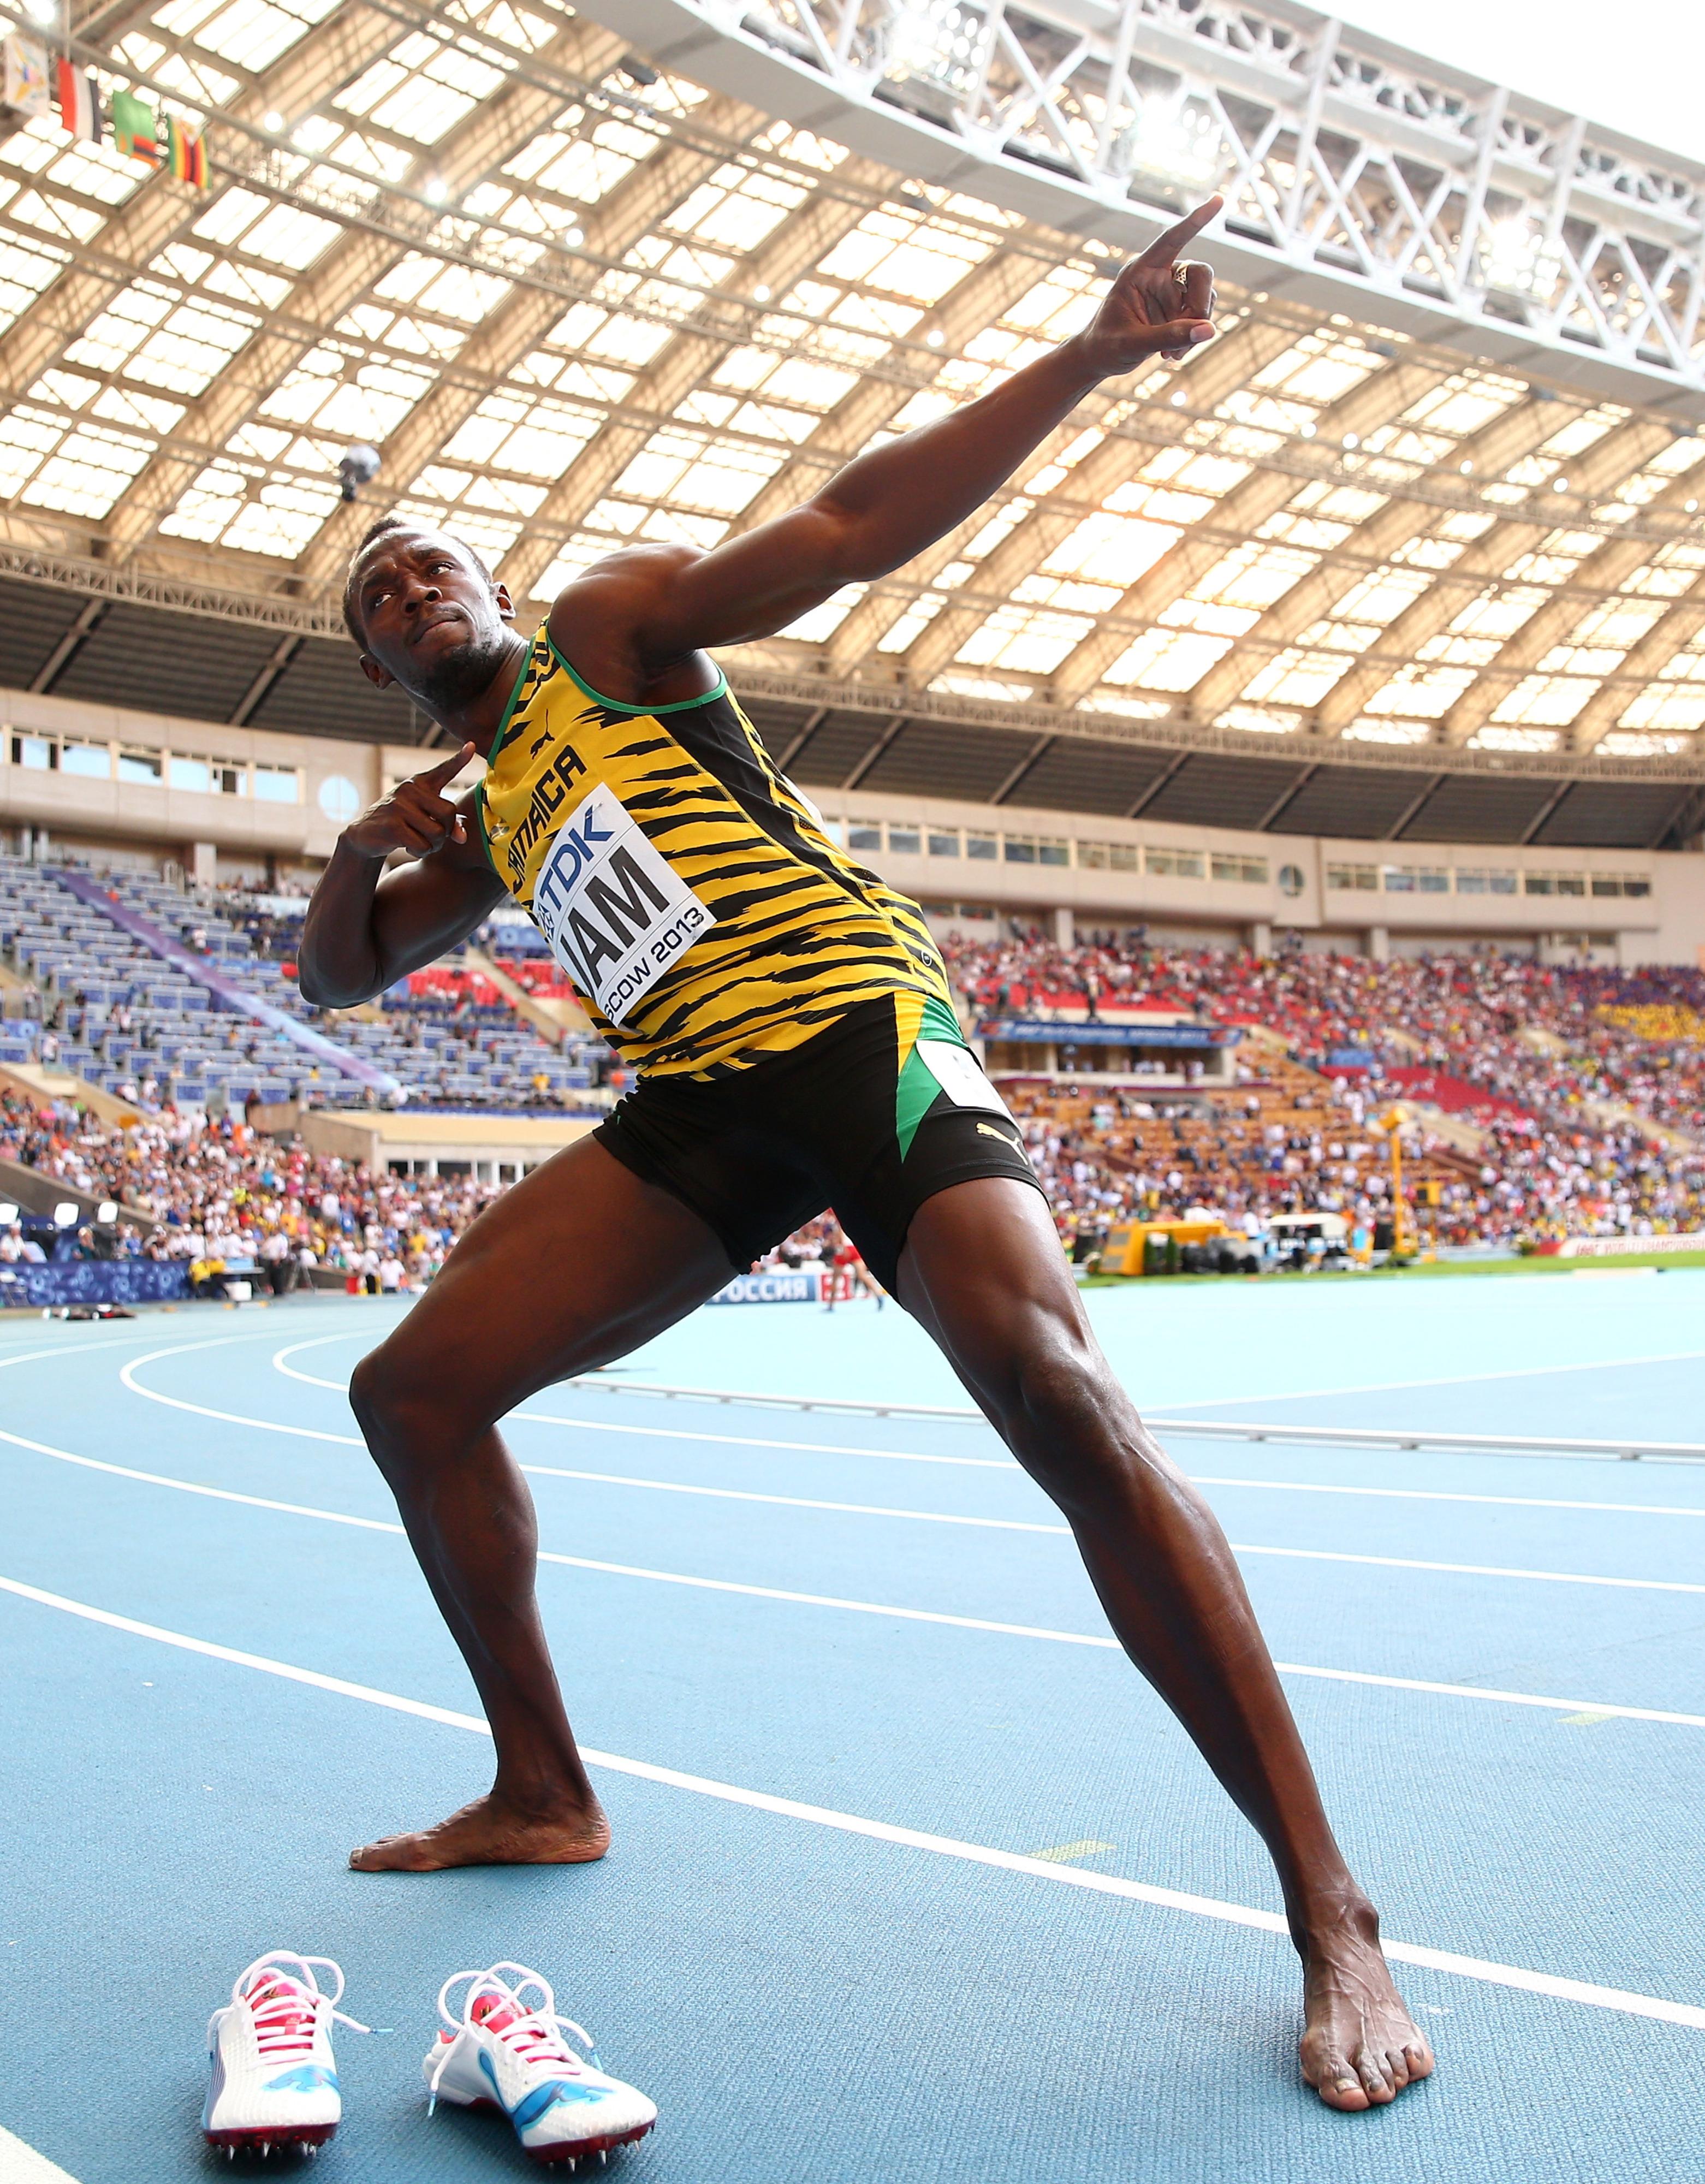 Usain Bolt retiring after 2016 Olympics in Rio de Janeiro